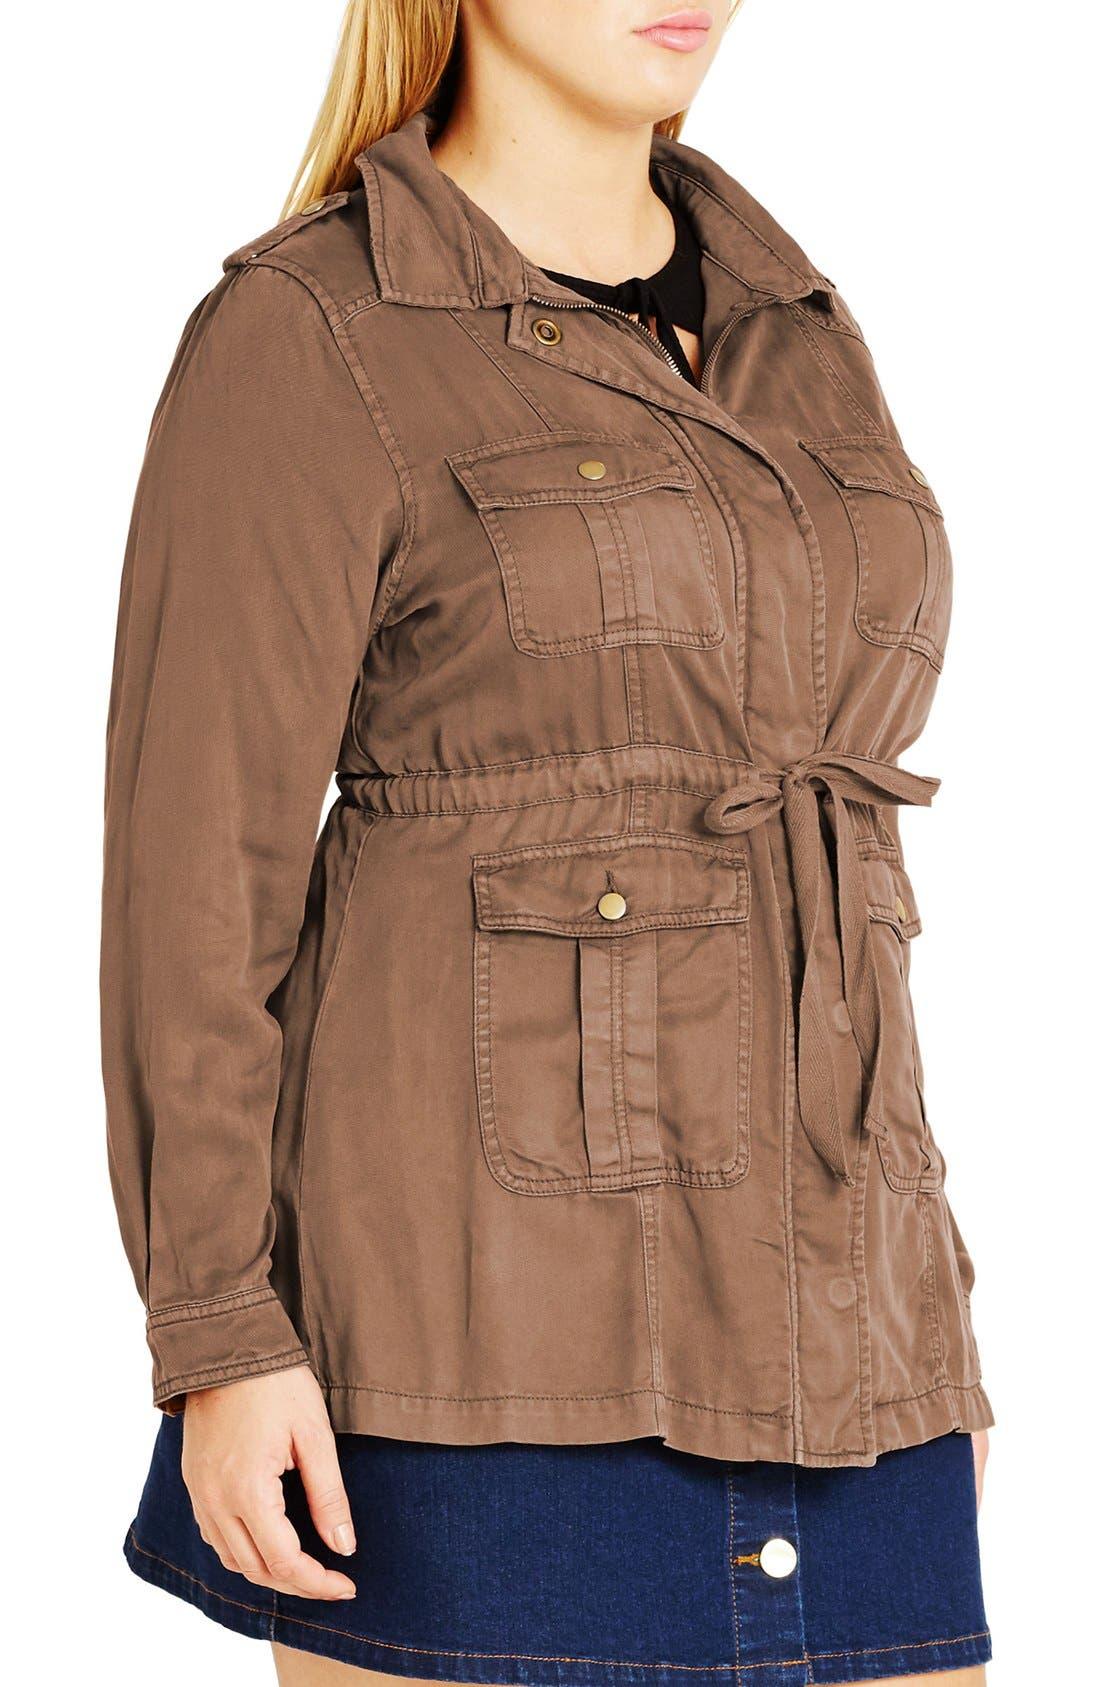 Alternate Image 3  - City Chic 'Adventure' Utility Jacket (Plus Size)